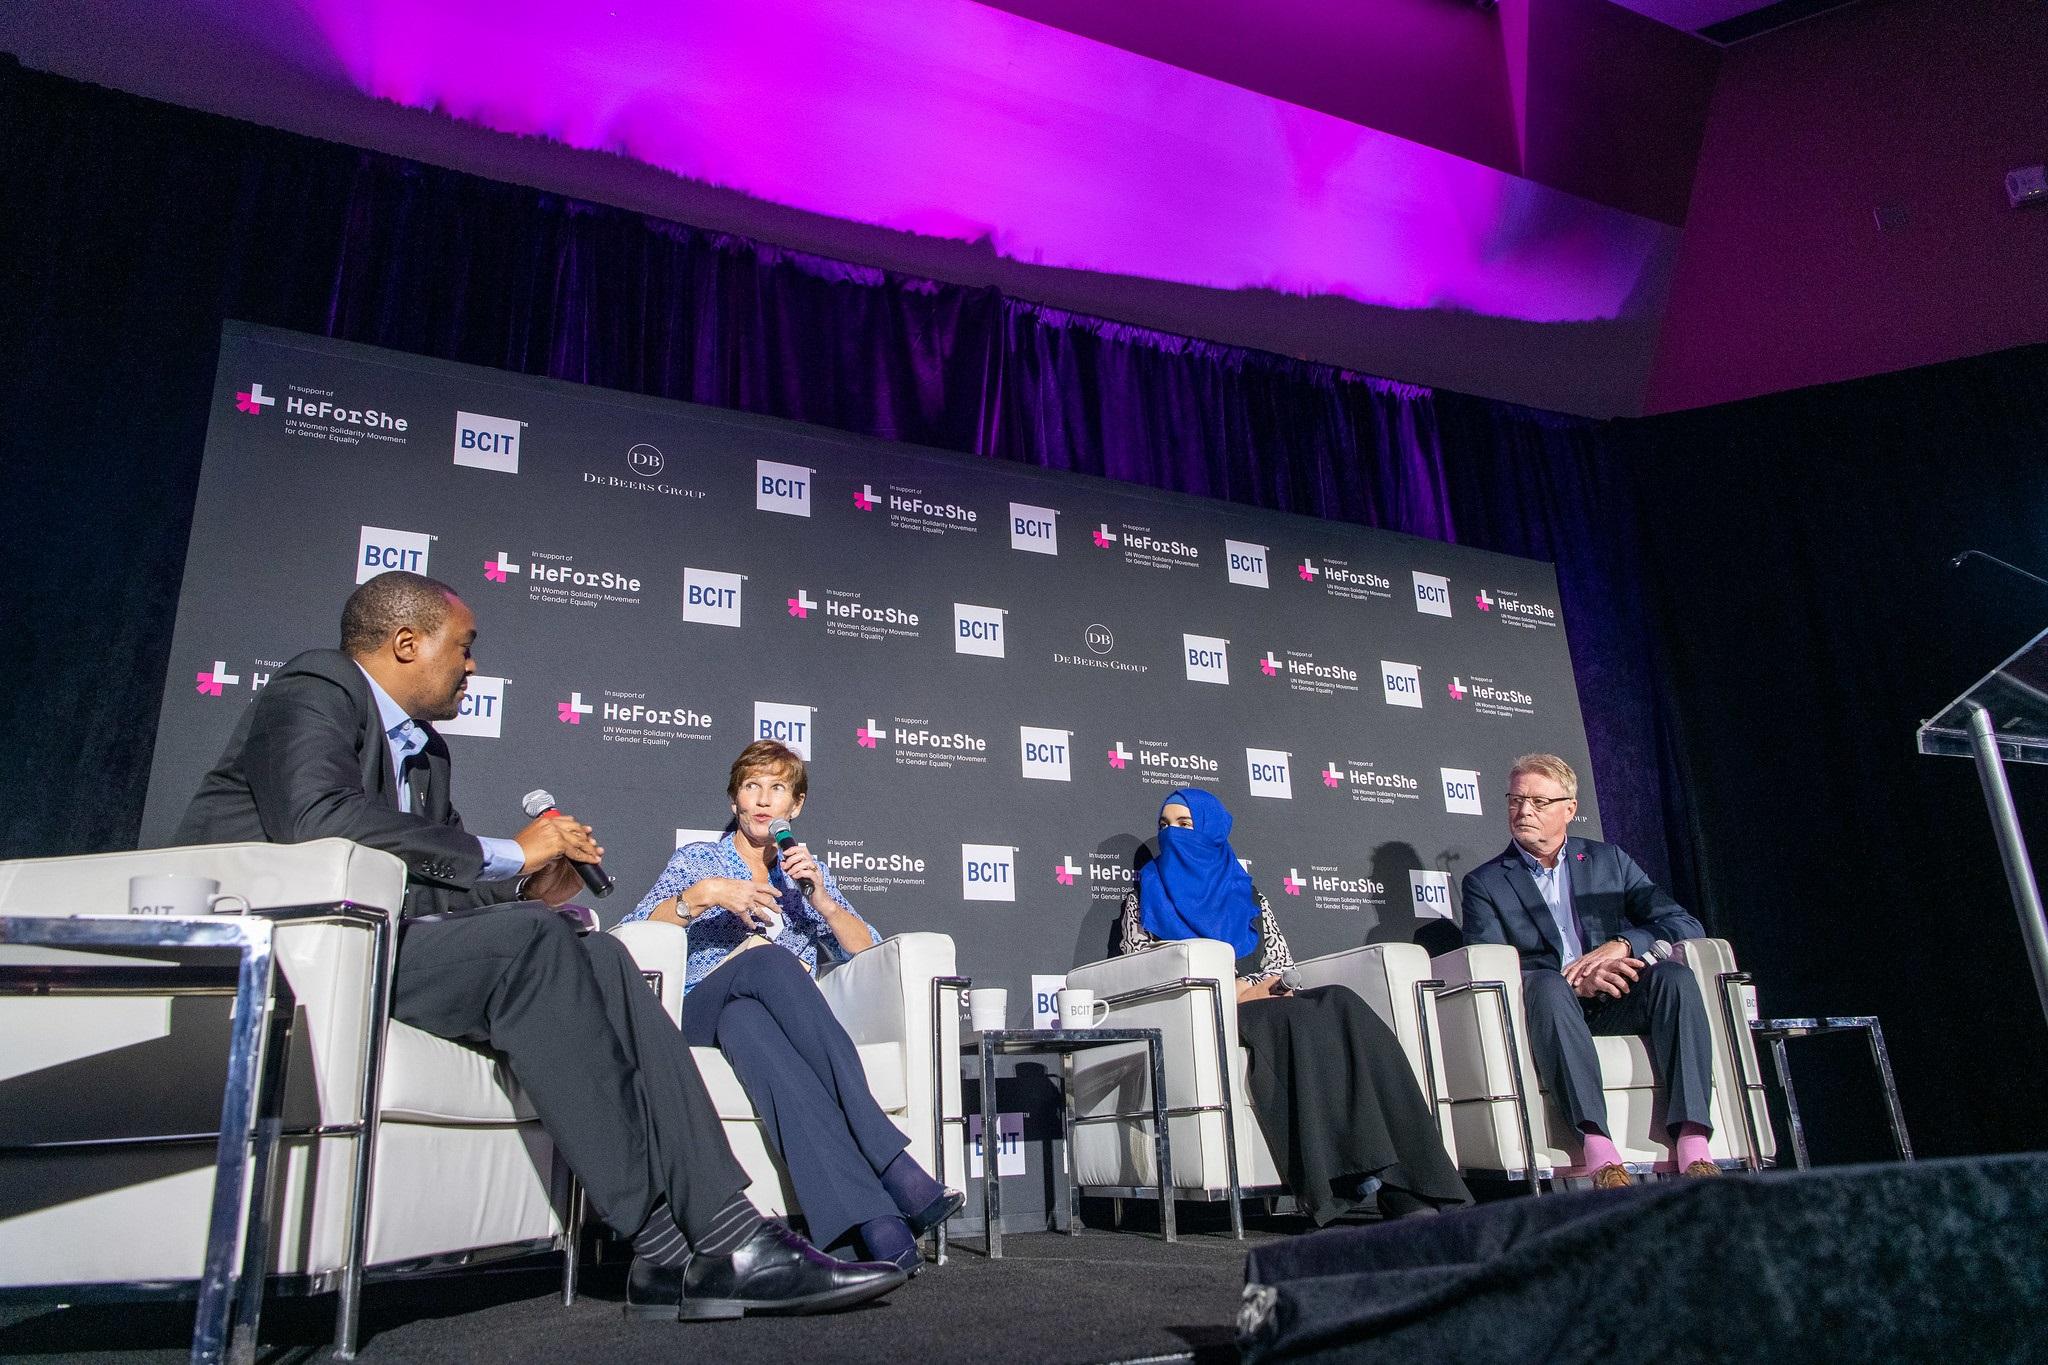 HeForShe panelists